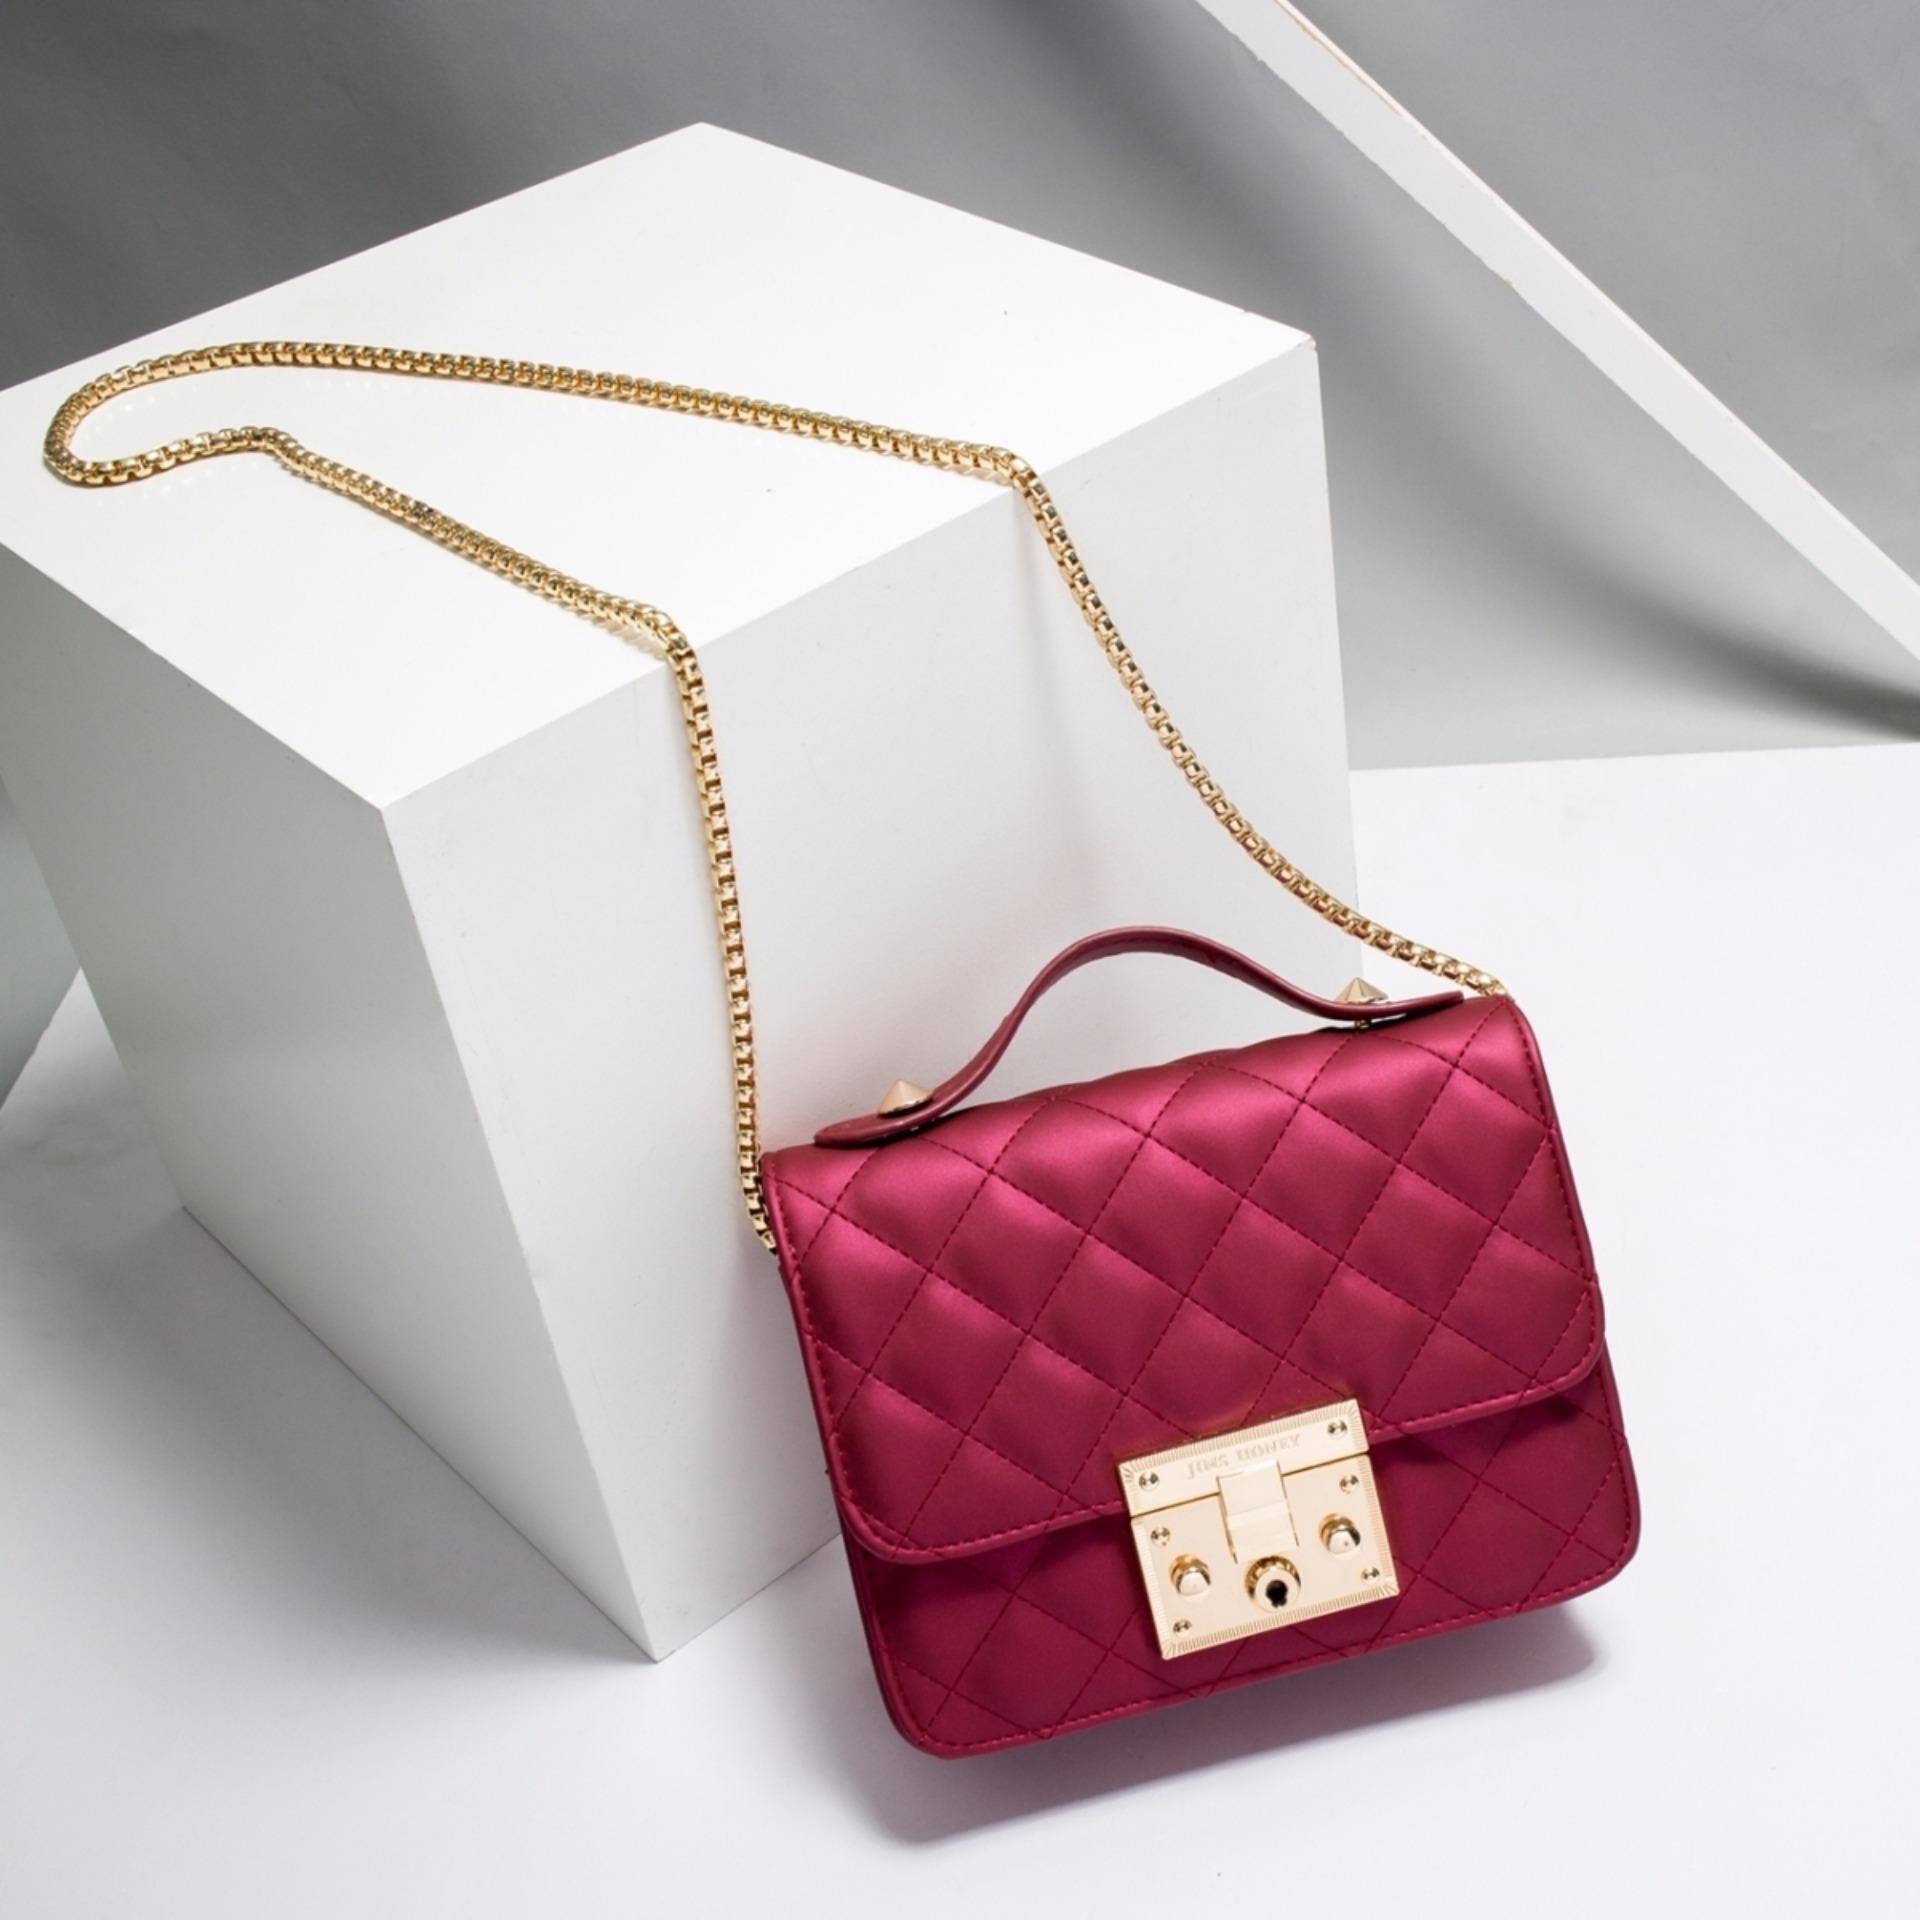 Jims Honey Tote Bag Wanita Terbaru Avril Bag Red .